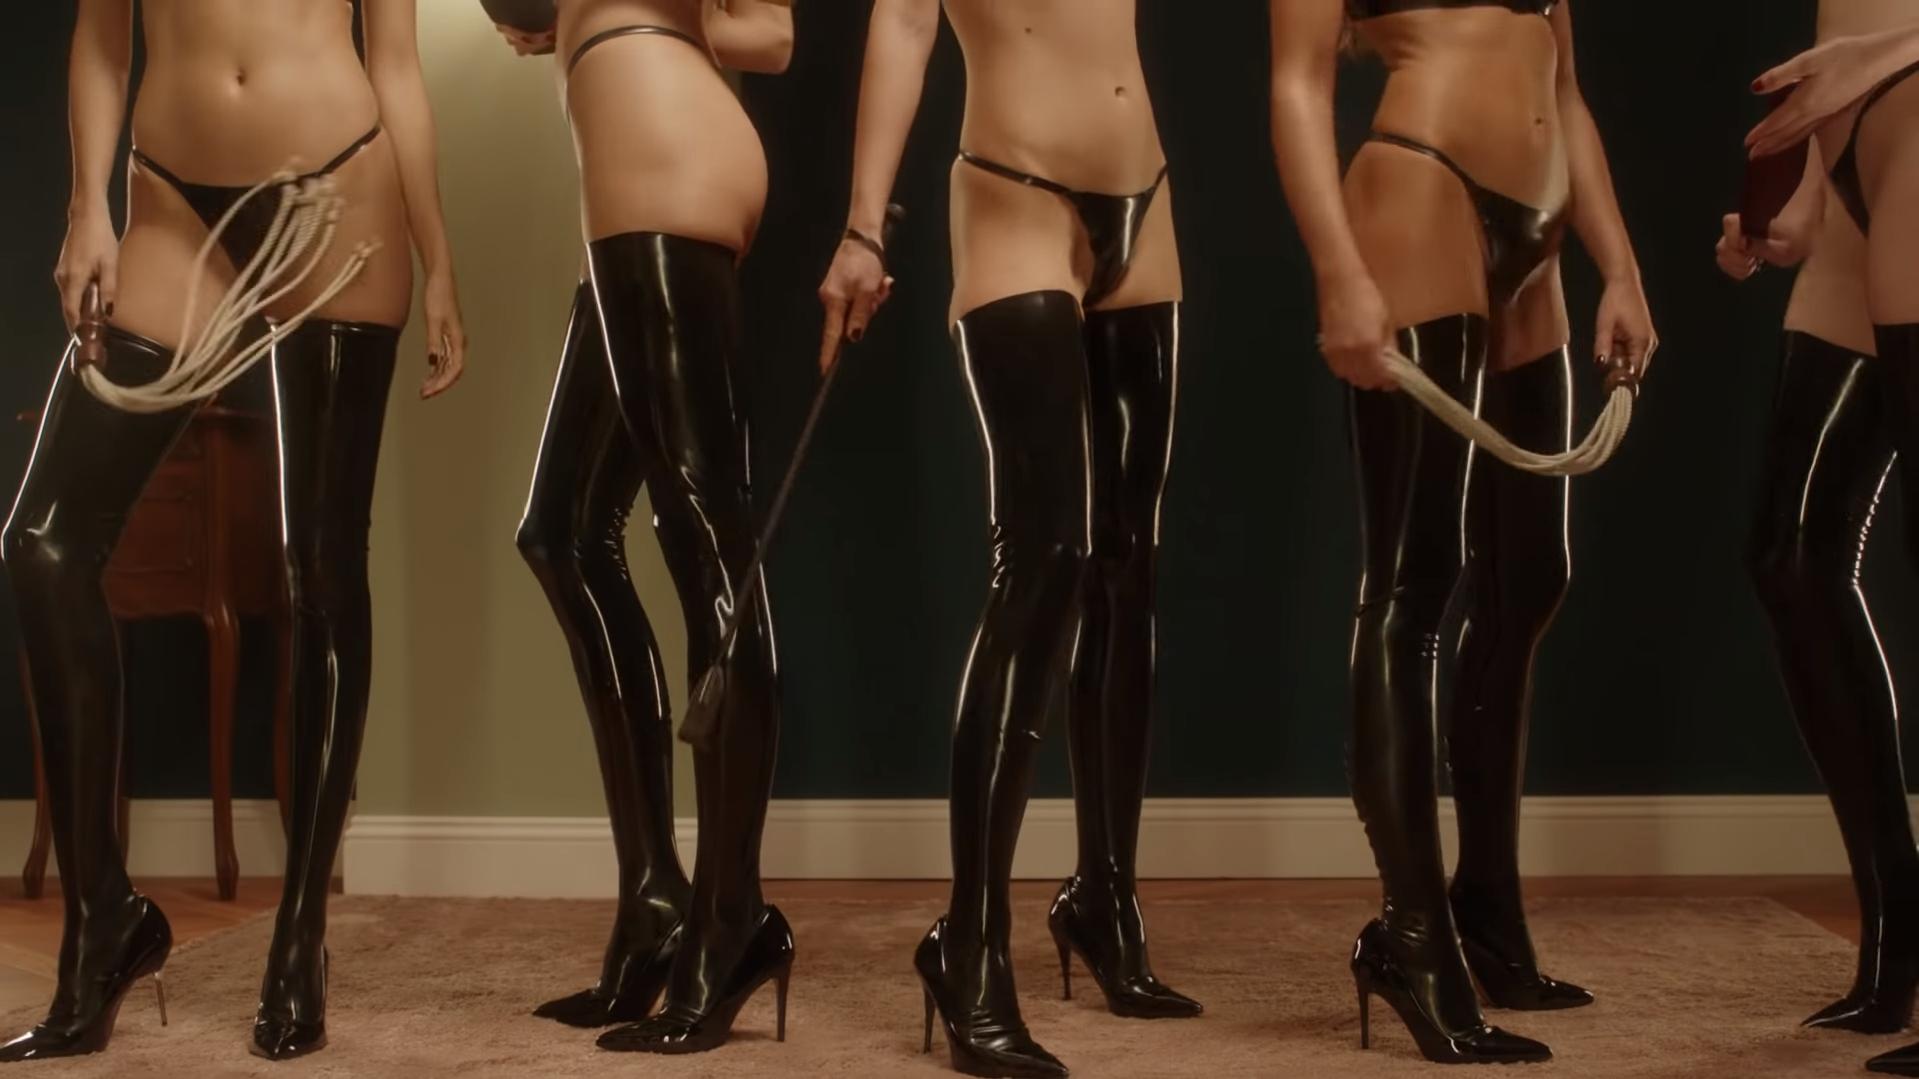 rajzfilm sex.com ingyen